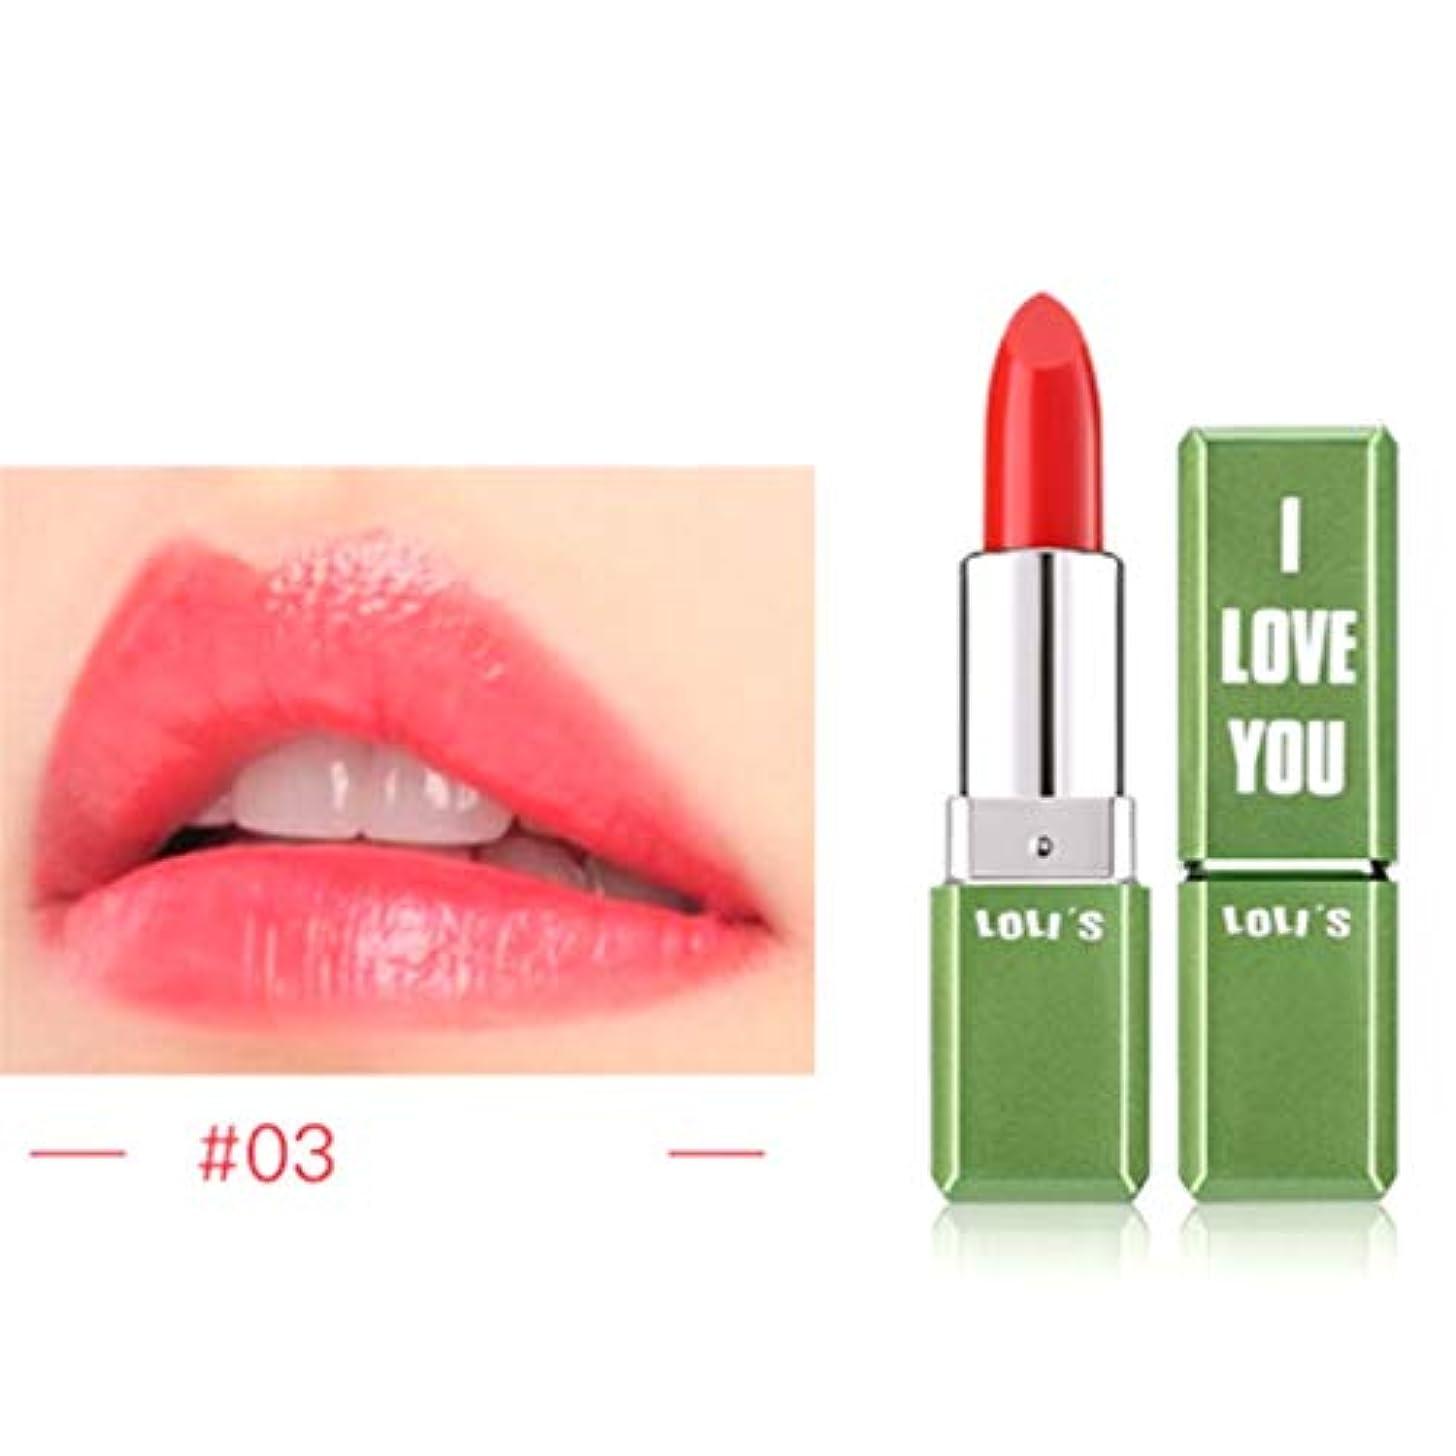 まろやかな接辞アンビエント温度変更緑茶口紅メイクアップリップスティック長持ちモイスチャライザーセクシーな顔料の女性の美容化粧品ツール